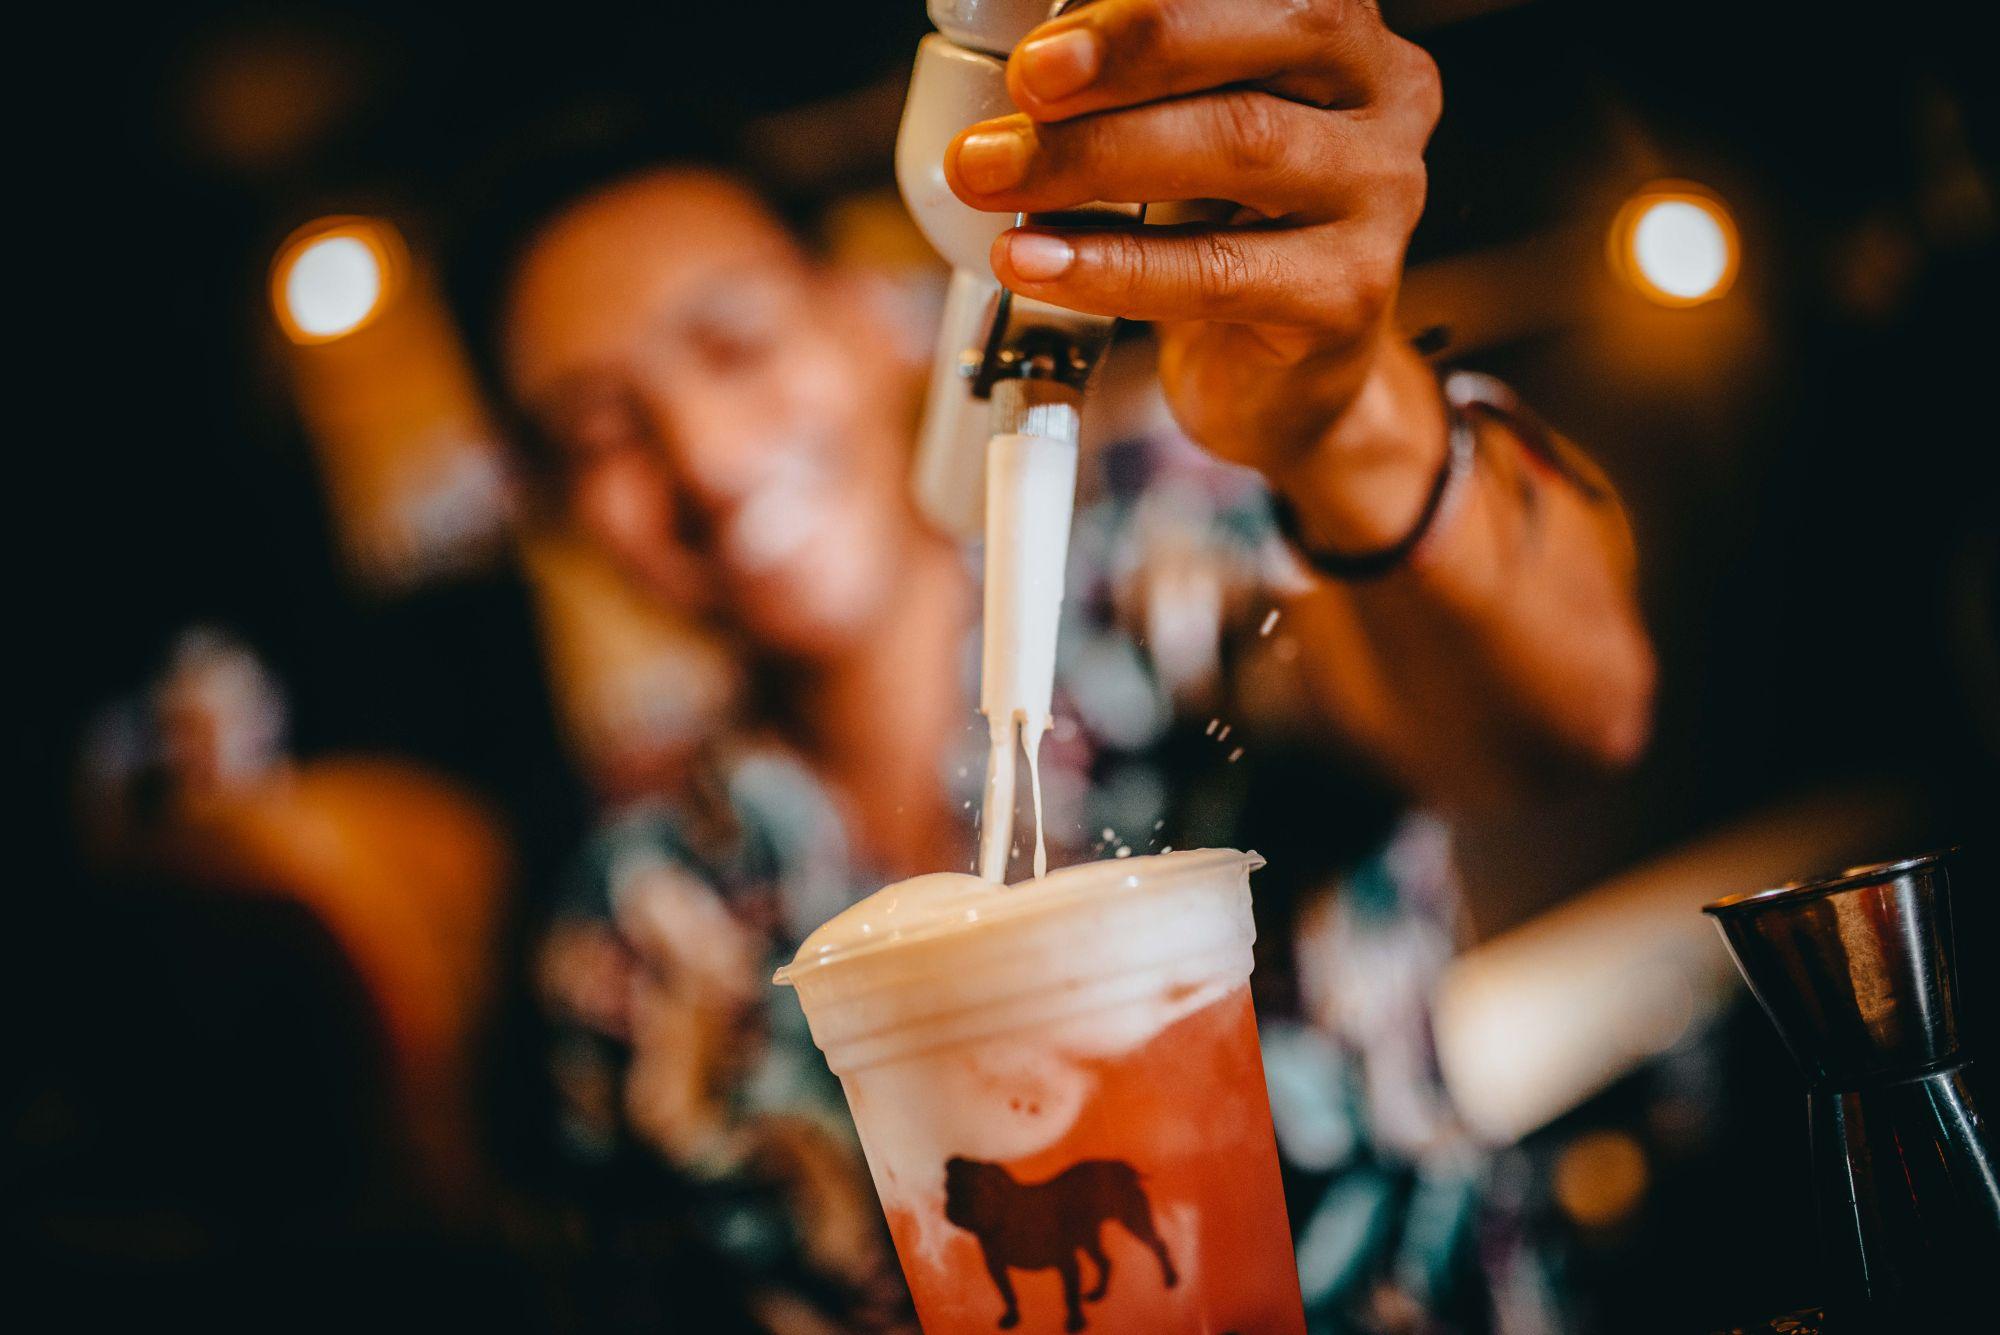 Conheça o drink que vende mais de mil unidades por mês em bar de Curitiba